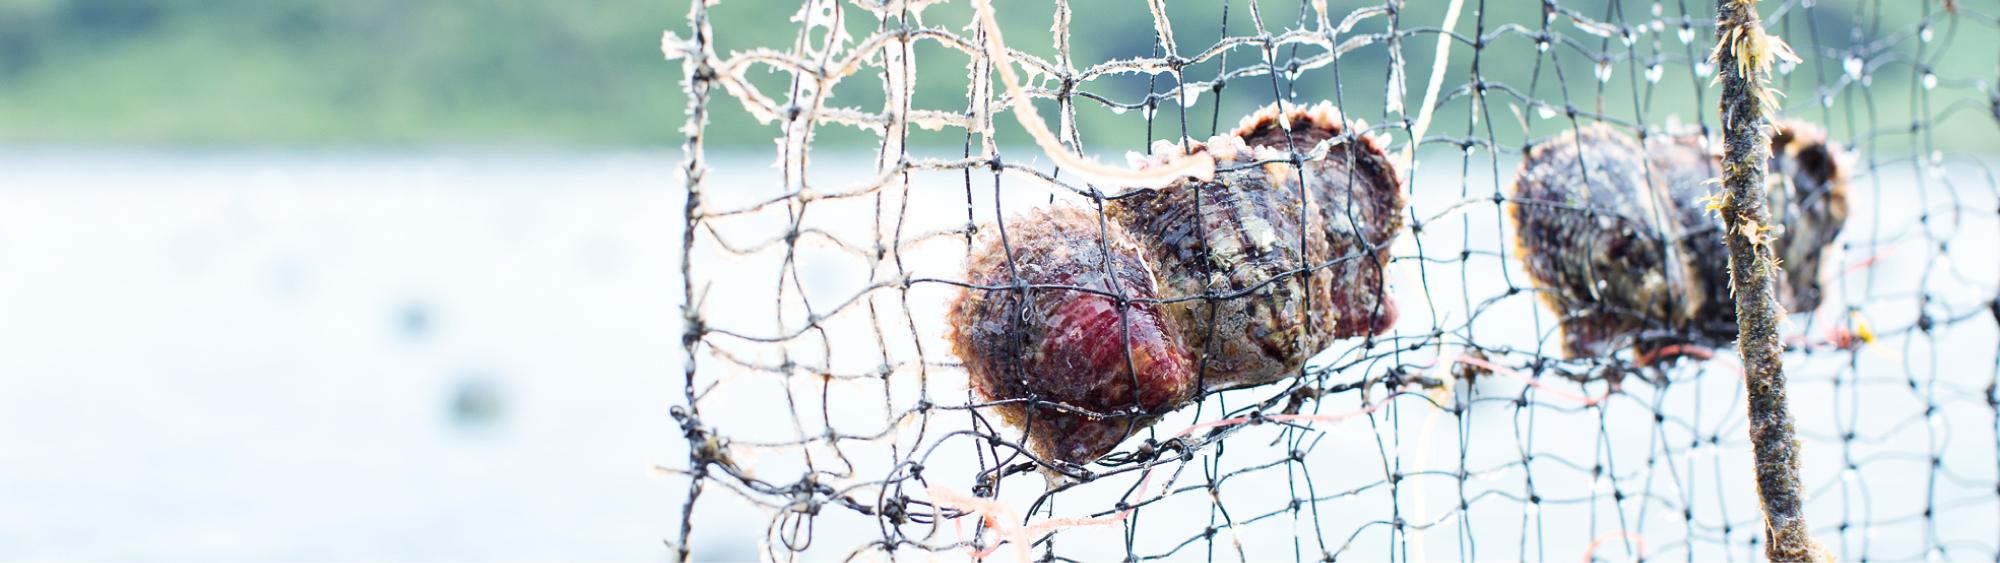 貝の状態を一番に考え、ストレスを与えぬよう、ゆったりとした環境と時間が良い真珠を育みます。